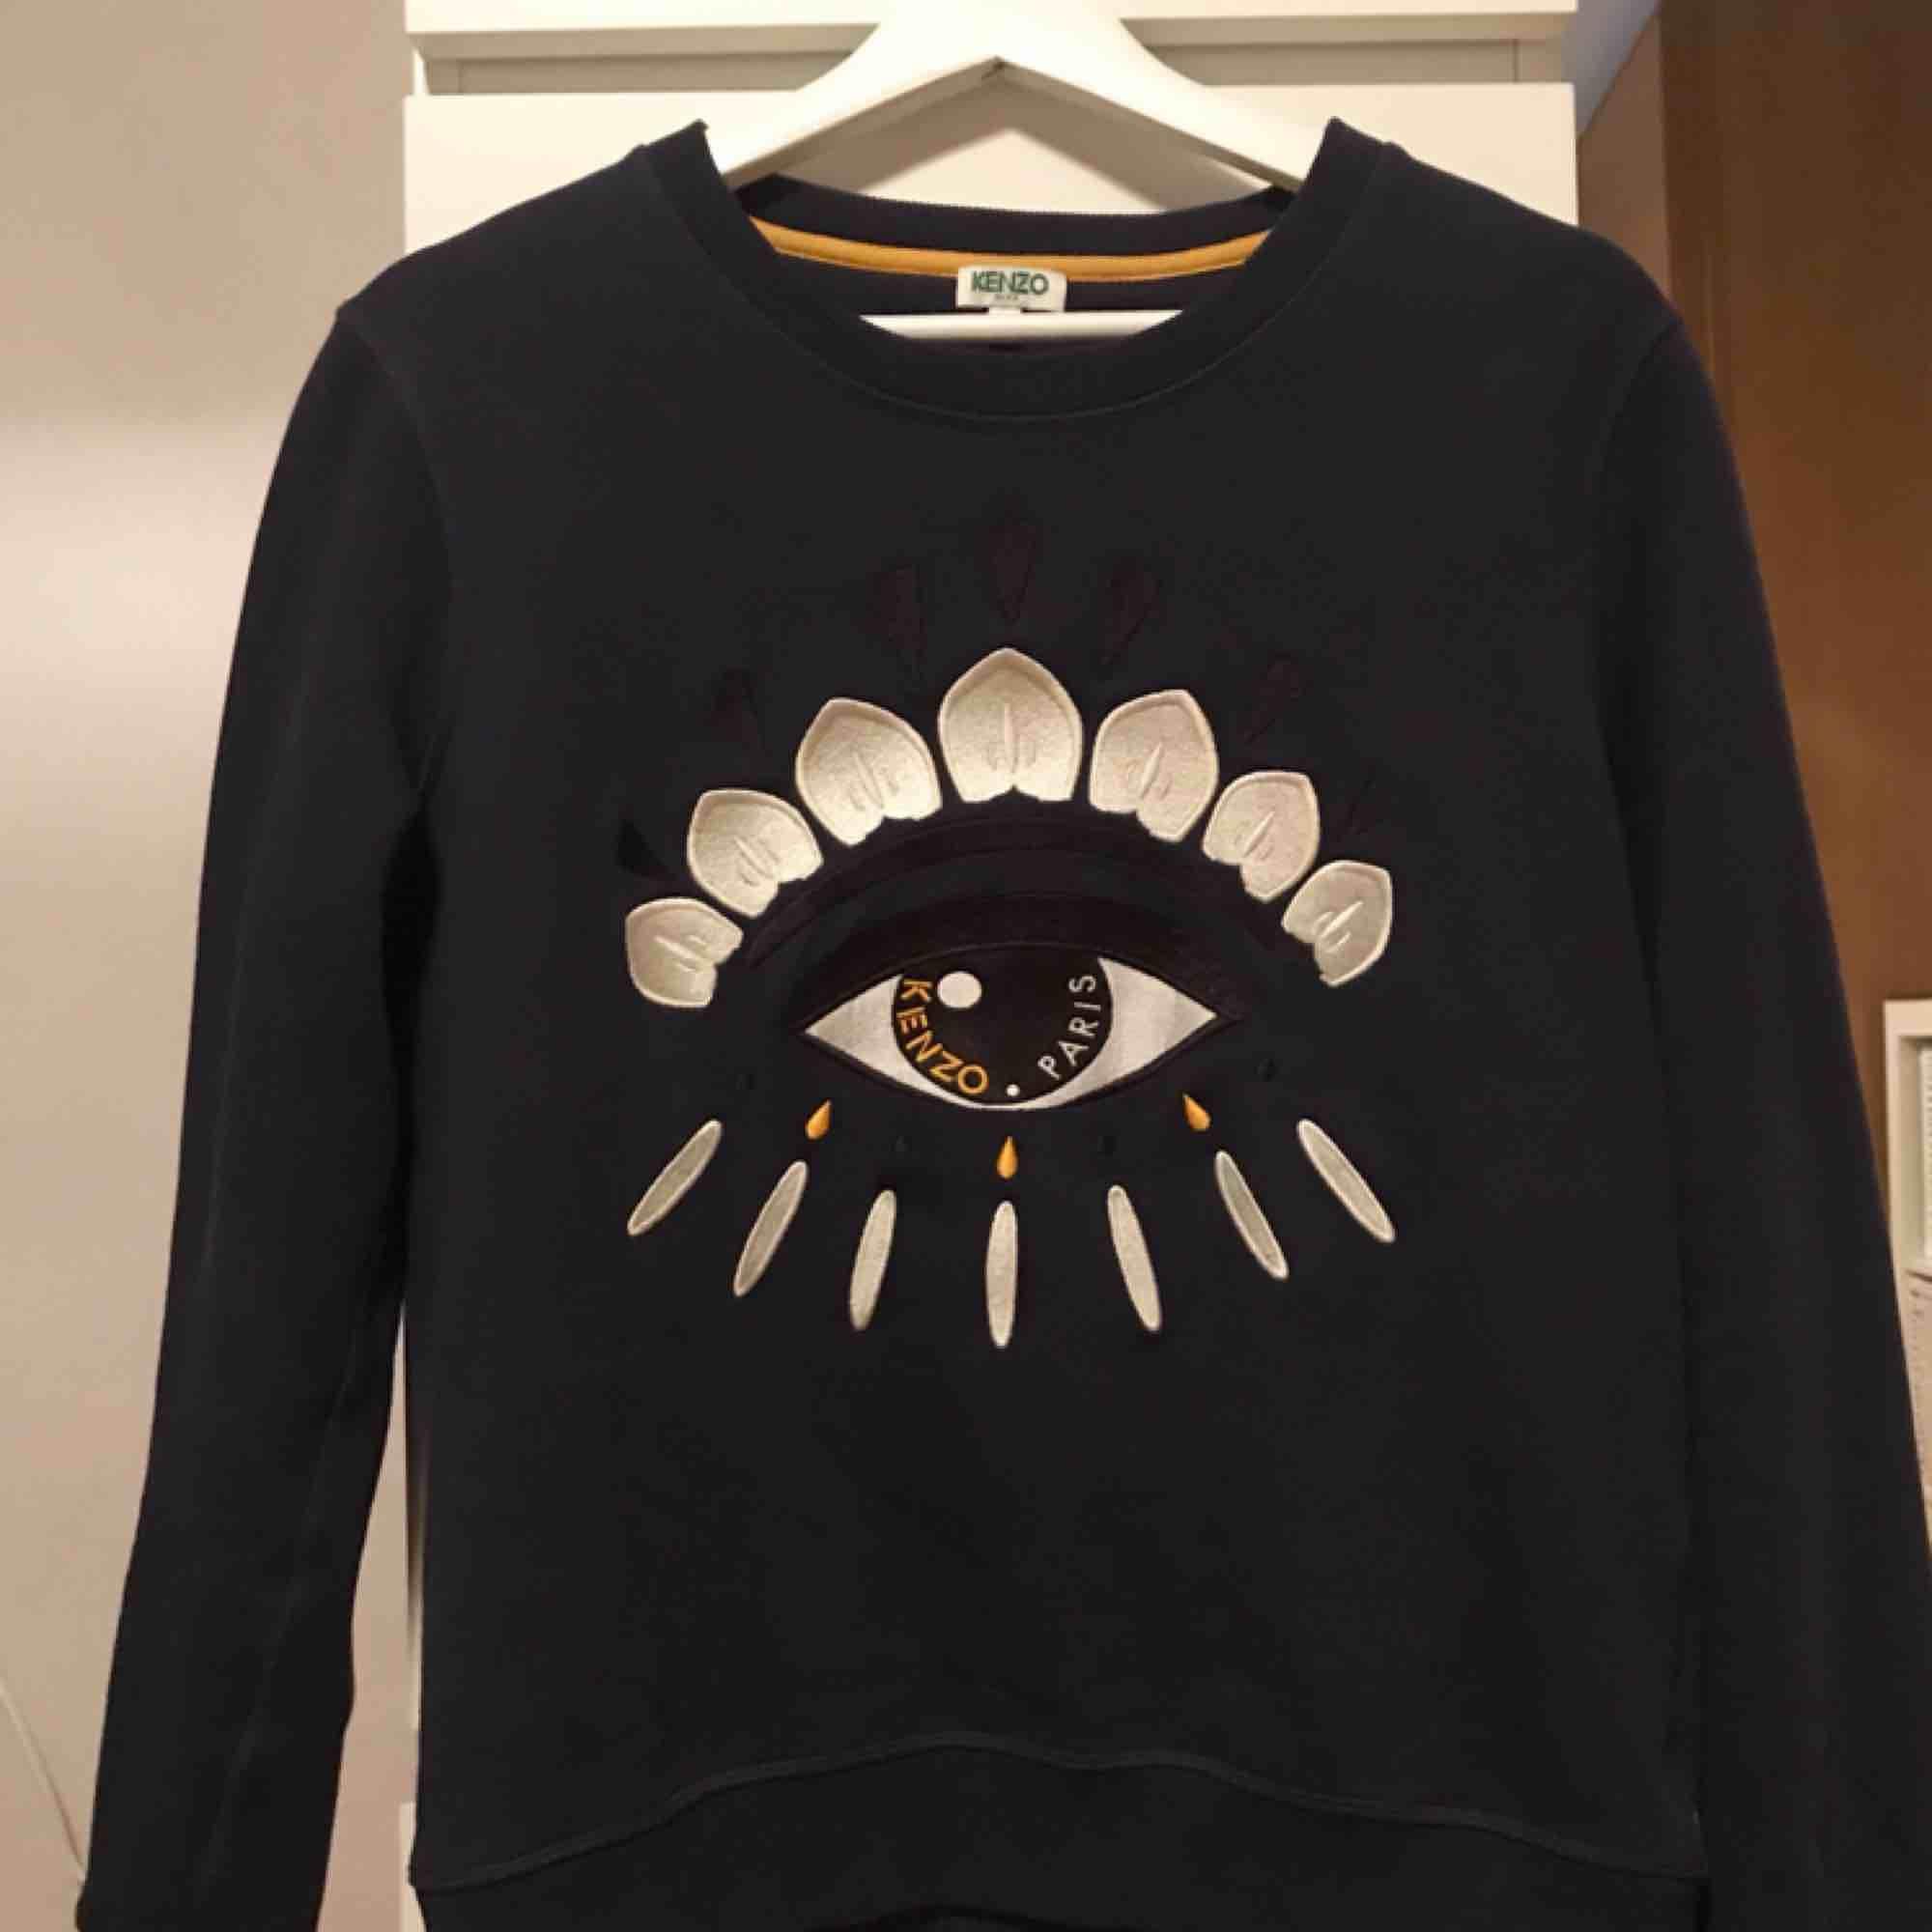 Marinblå tröja från Kenzo (dam). Storlek L, men är liten i storleken så den är som en S/M. Den är knappt använd. Köpt i Köpenhamn sommaren 2017 (såklart äkta). Säljes billigt pga vill bli av med den snabbt innan flytt :) . Tröjor & Koftor.